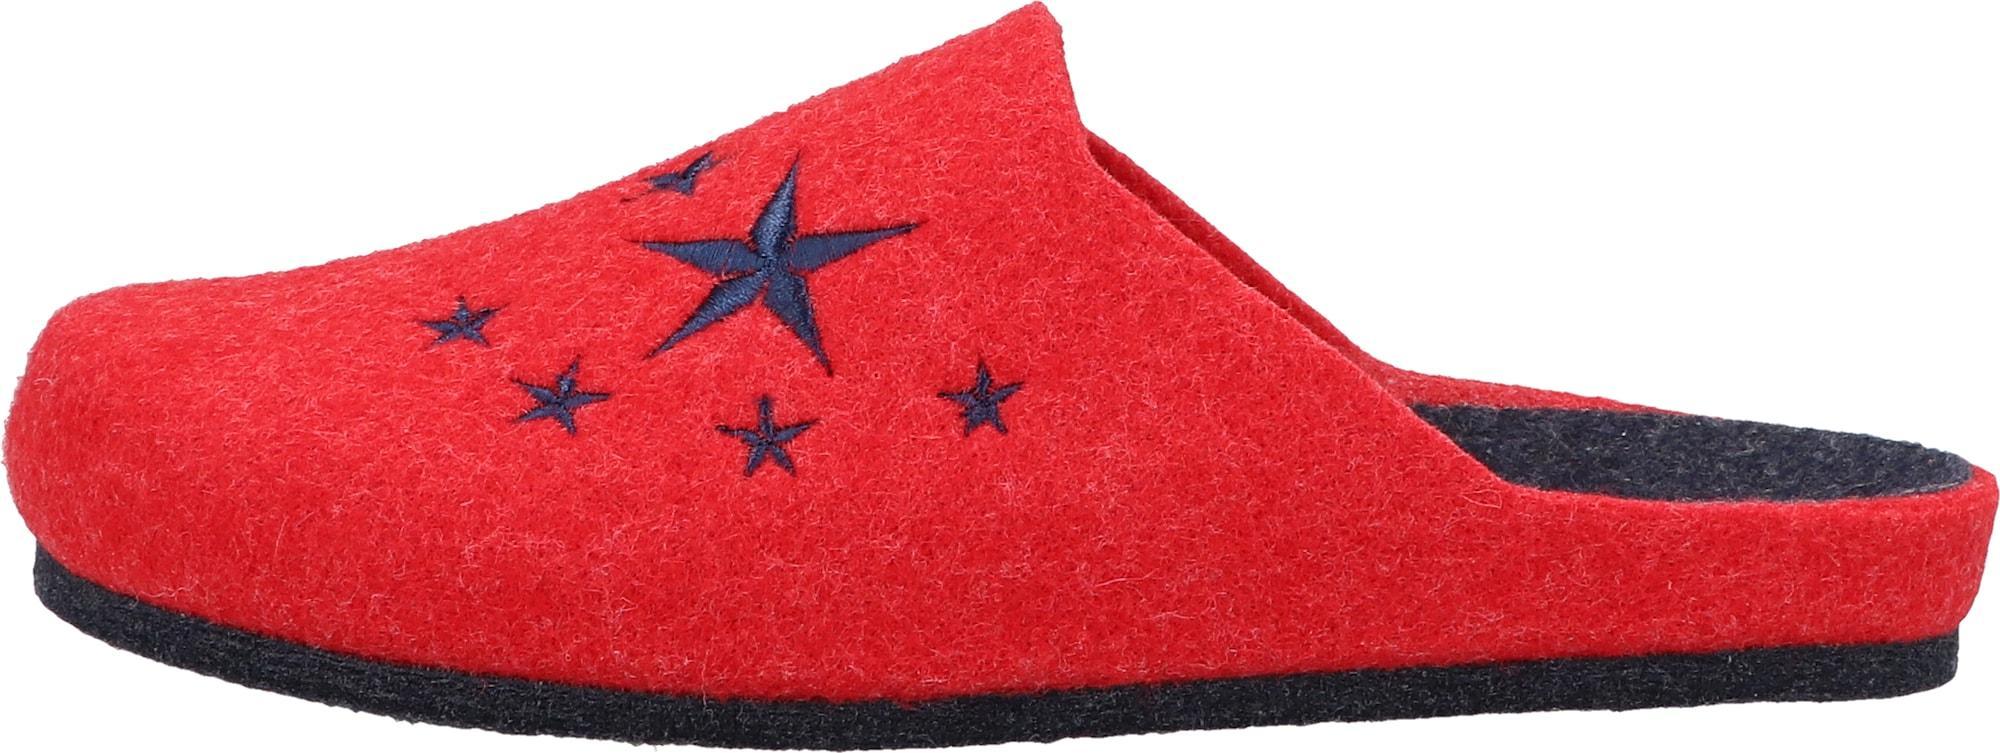 COSMOS COMFORT Hausschuh rot / navy